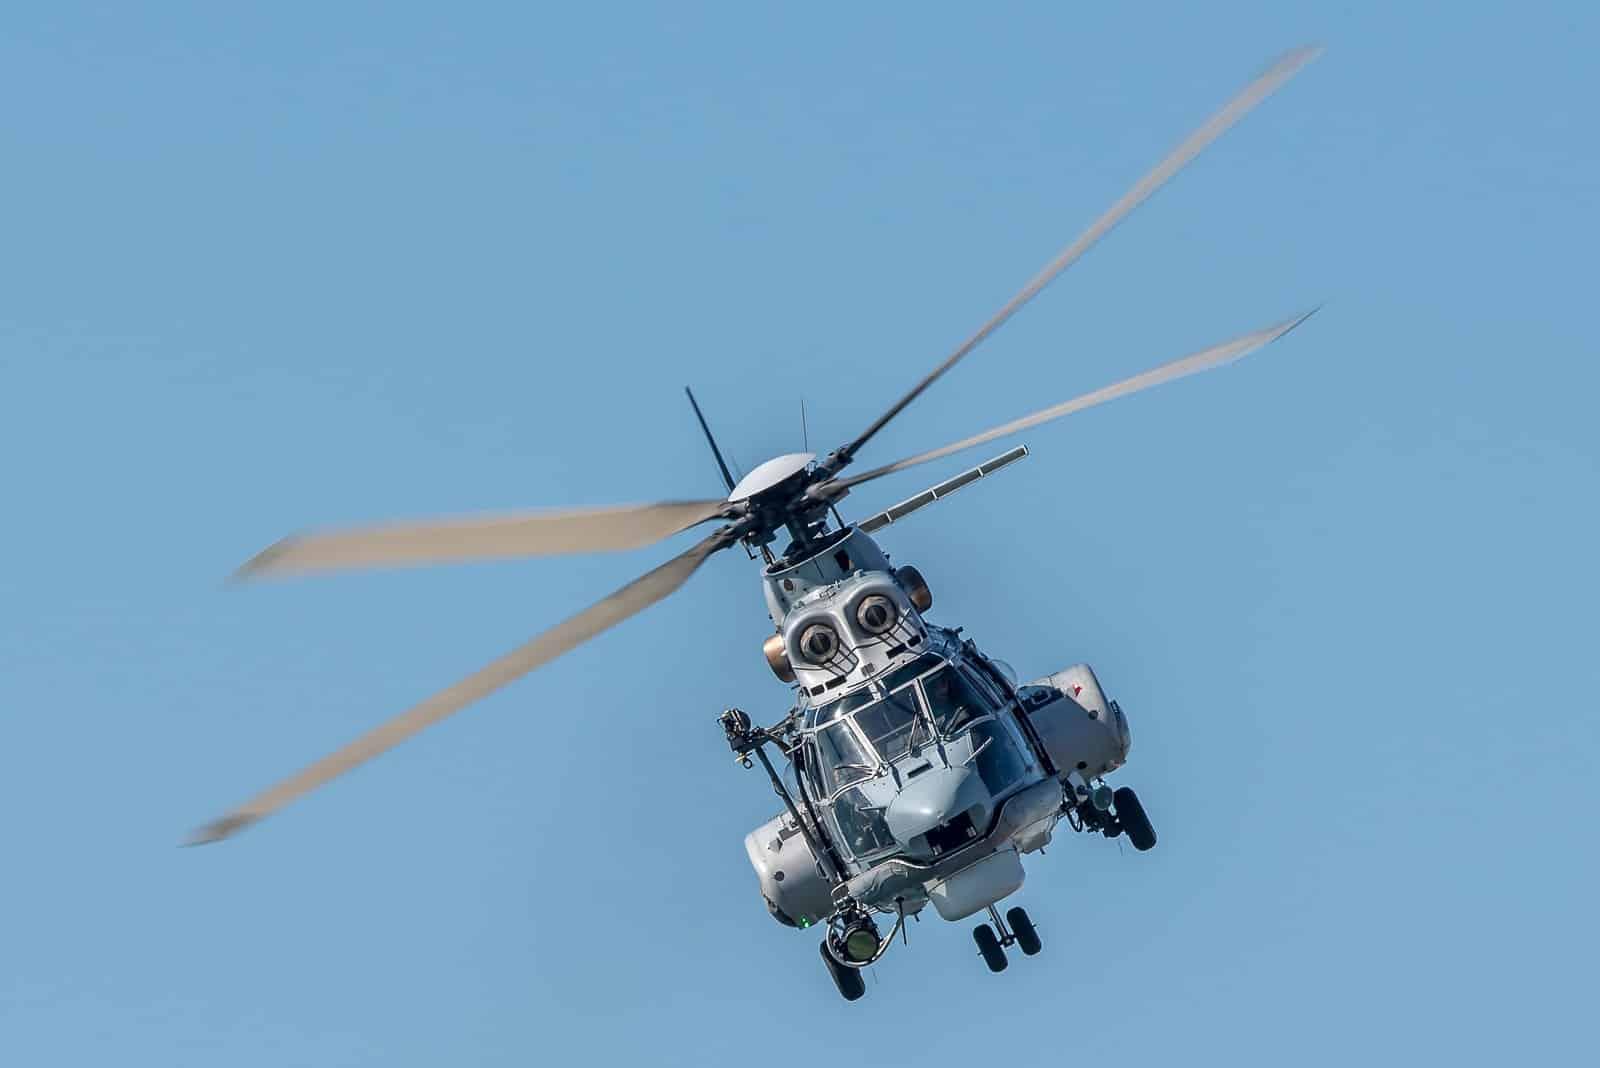 Ένας ...πιλότος γεννήθηκε στη Σίφνο - Πέταξε Super Puma την πρώτη ώρα